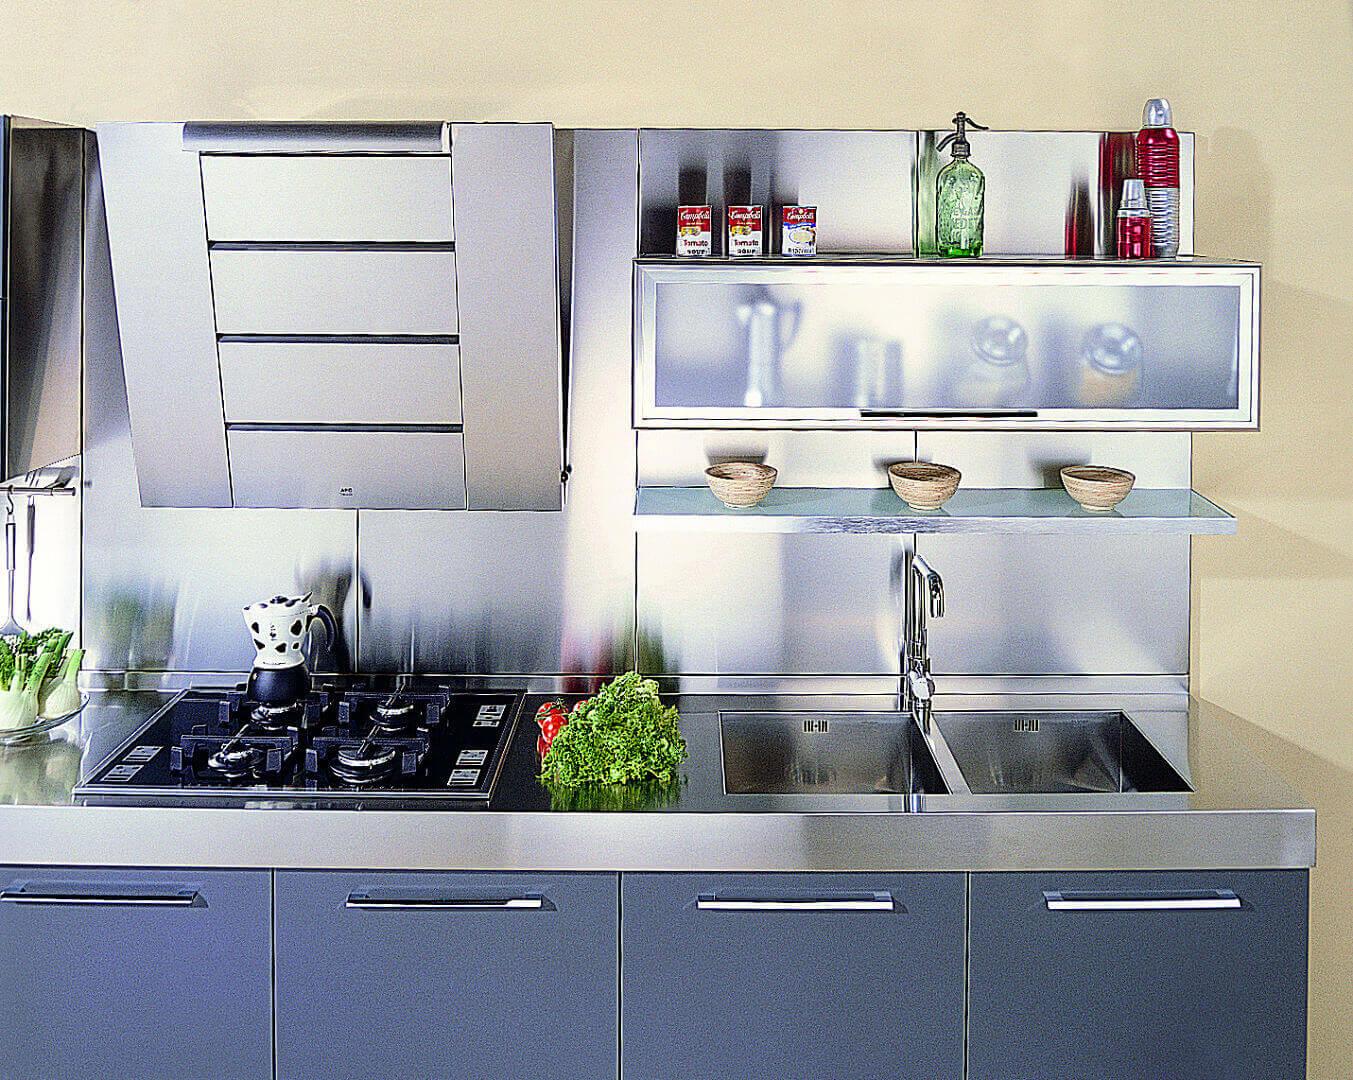 Arca Cucine Italia - Cucina in Acciaio Inox - Quadra